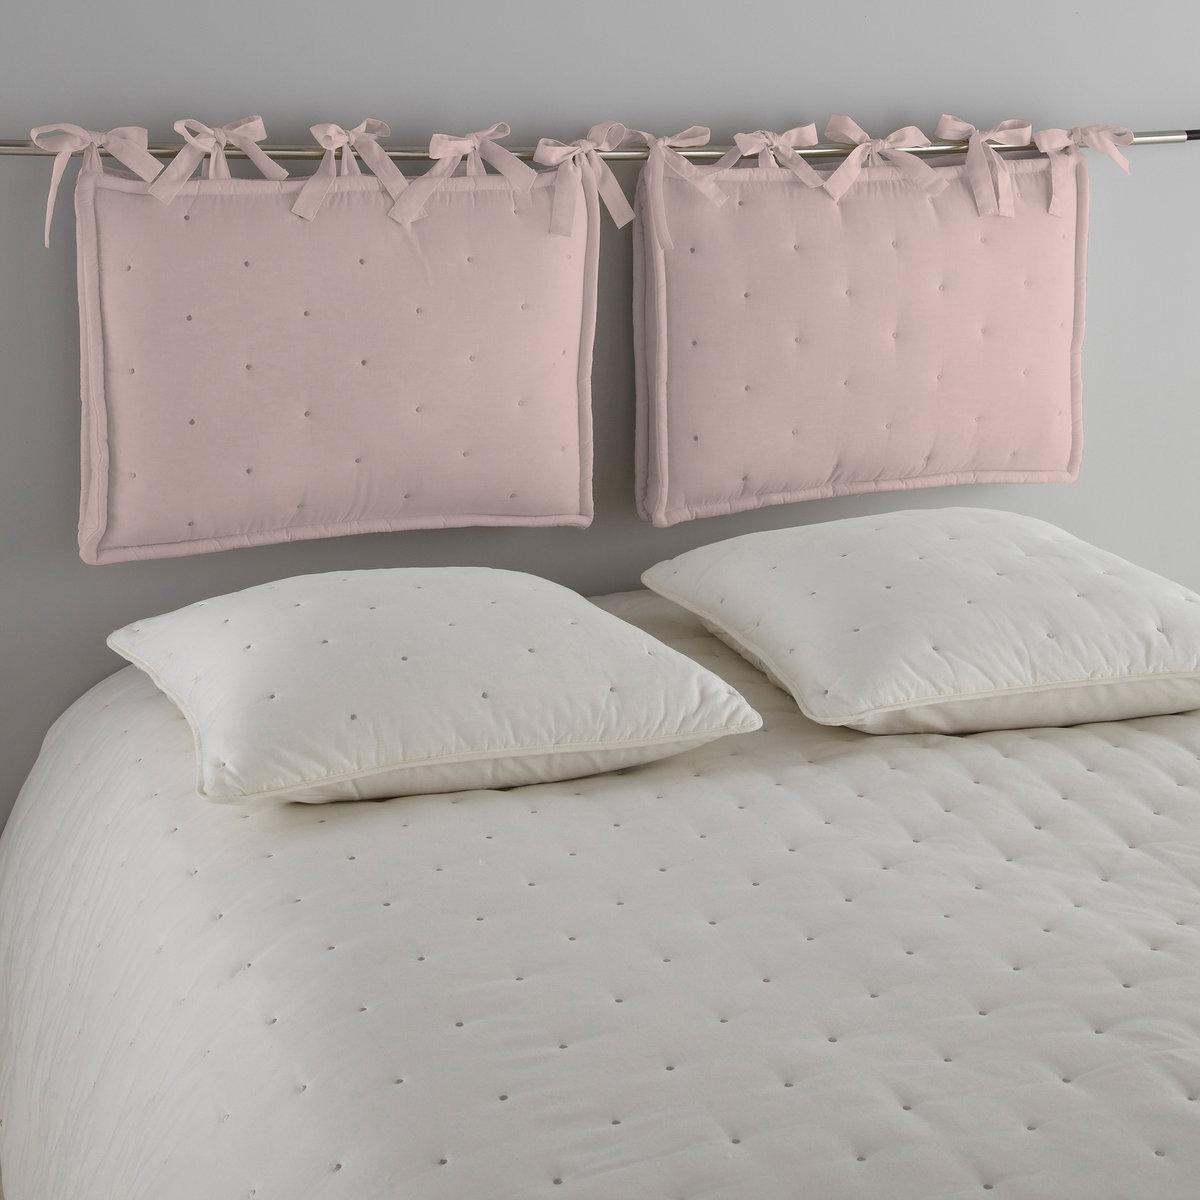 Подушка для изголовья кроватиСтеганая подушка для изголовья кровати A?ri. 100% хлопка. Контрастная вышивка кругами. Наполнитель из полиэстера (1100 г/м?). С широкими завязками. Толщина 11 см. Размер: 50 х 70 см.<br><br>Цвет: розовая пудра/серо-бежевый